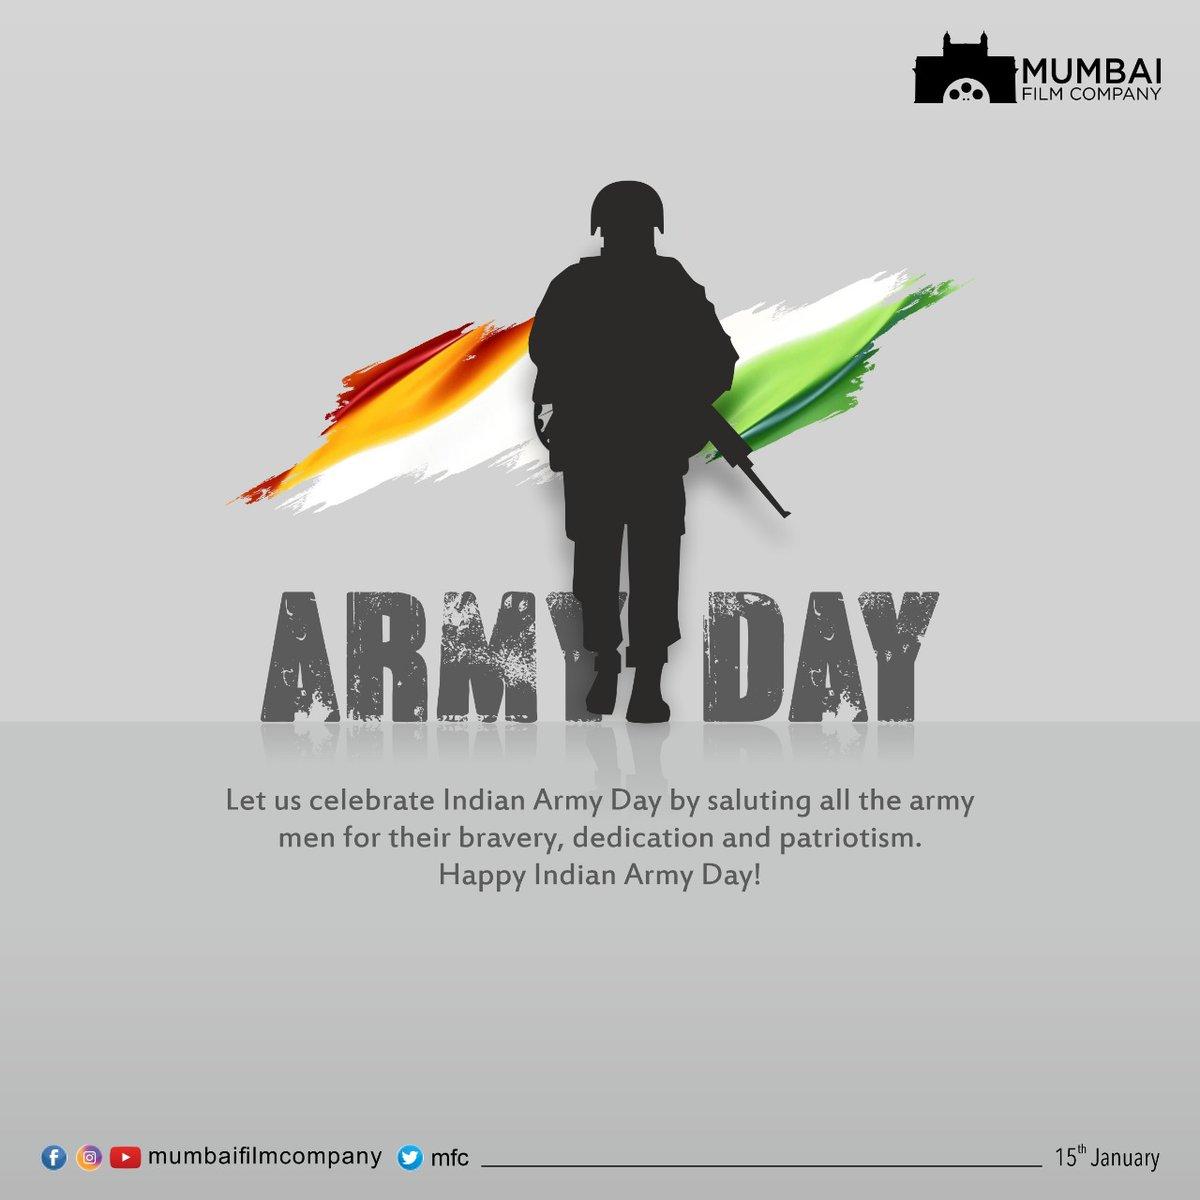 देशाच्या रक्षणासाठी निस्वार्थ सेवा करणाऱ्या भारतीय सैन्याच्या कर्तृत्वास सलाम! . . . #indianarmyday #IndianArmy #MFC